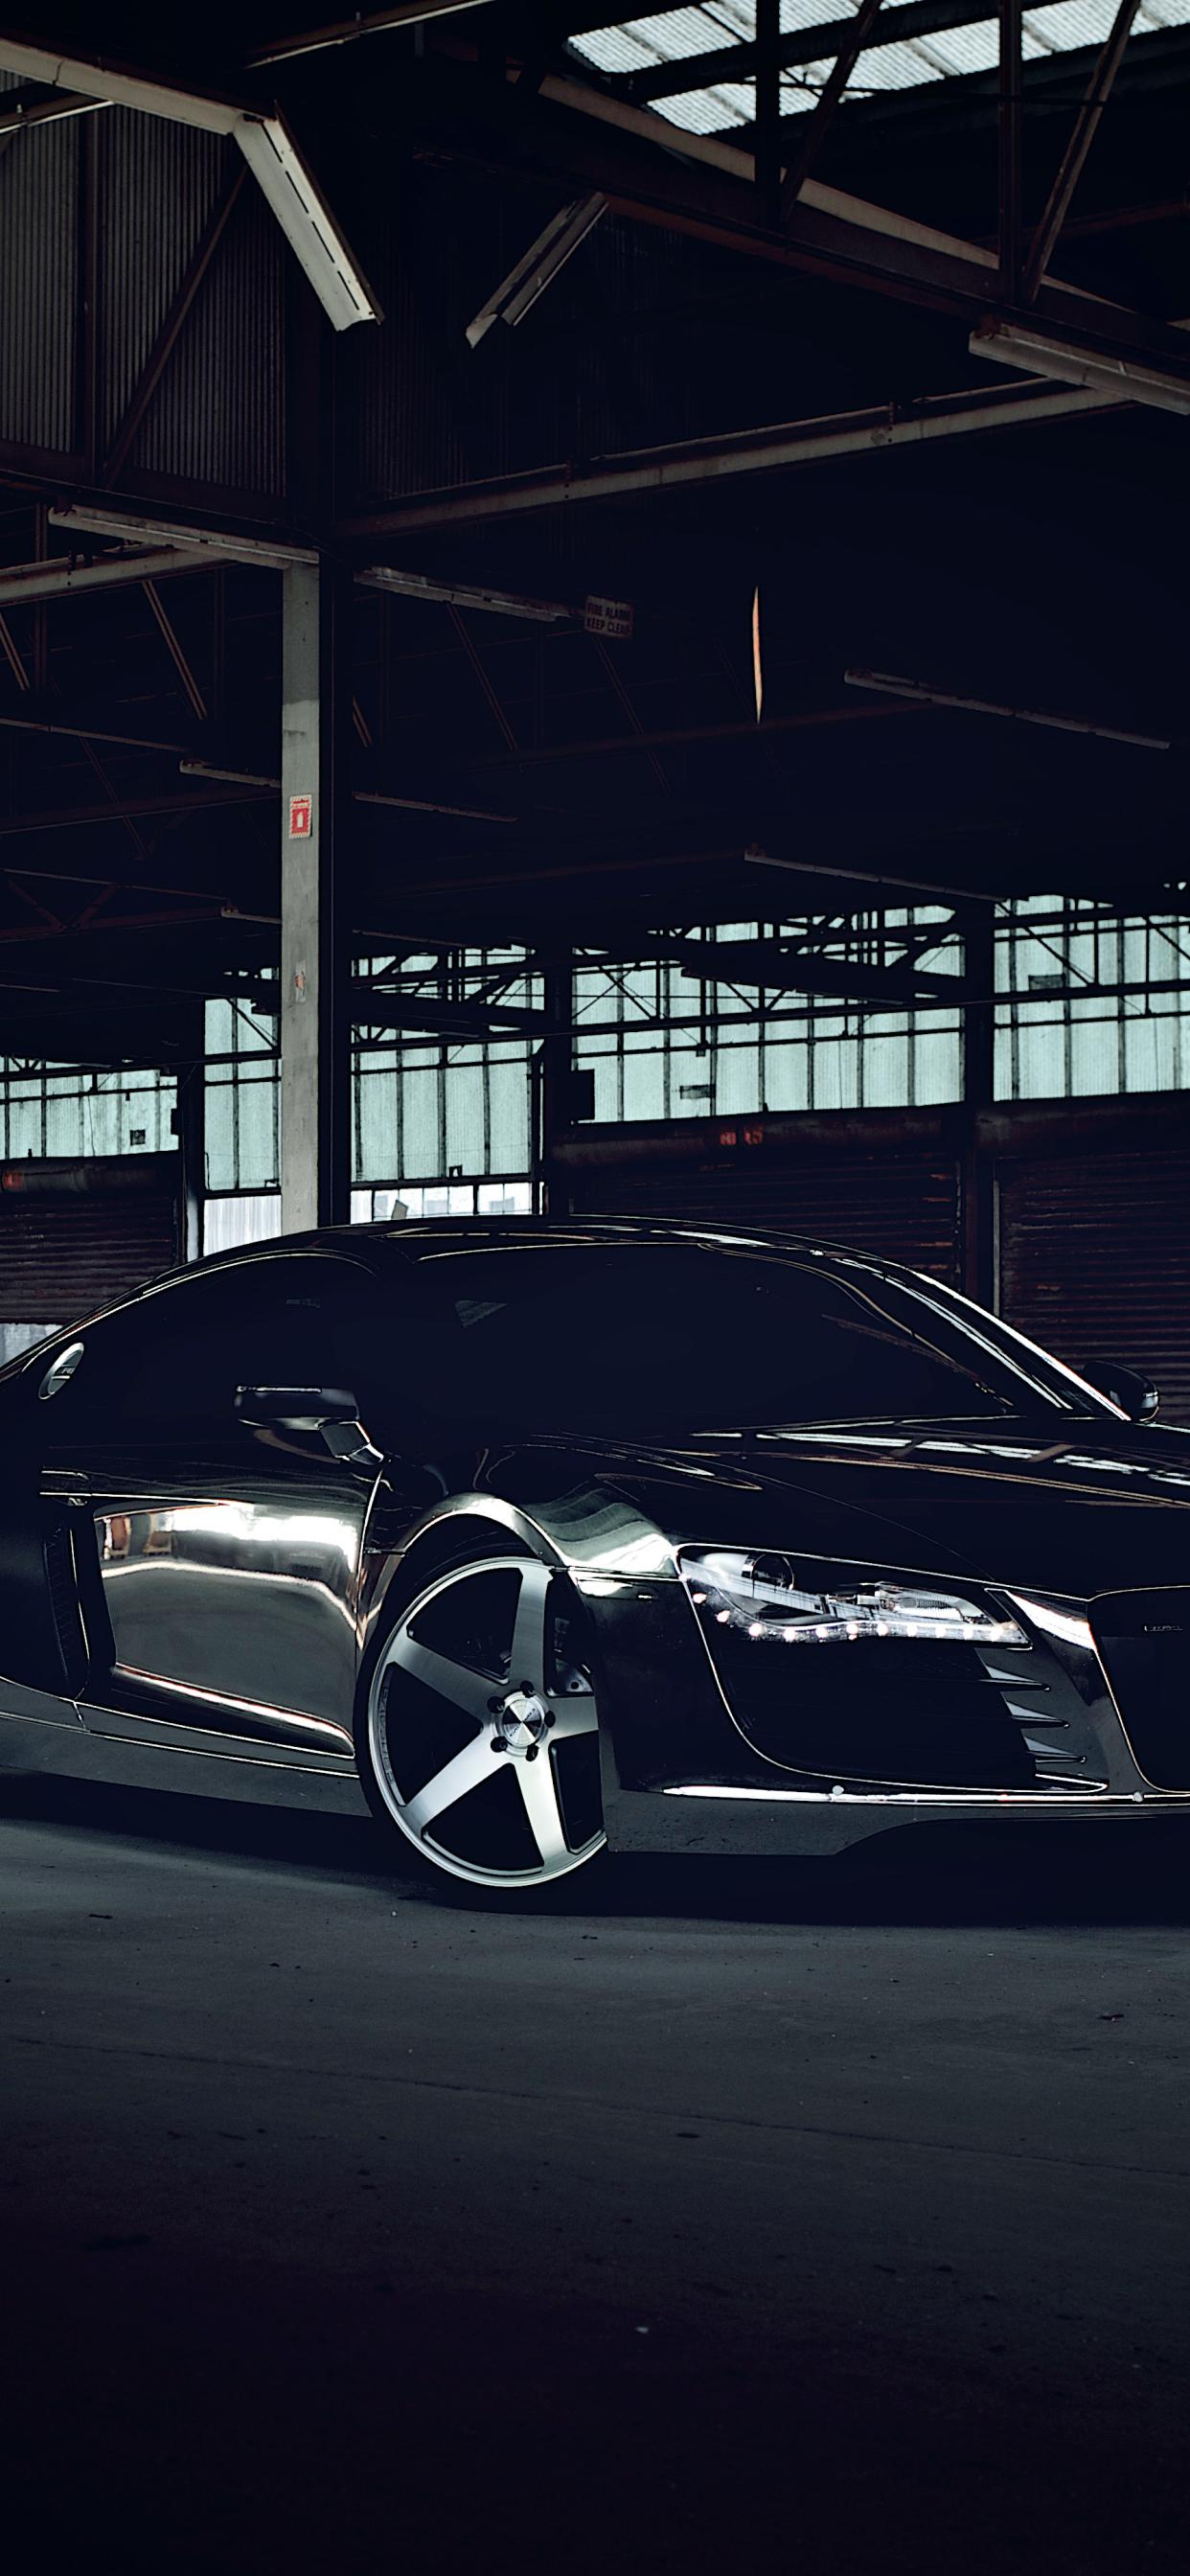 Audi R8 Wallpaper 4k Iphone